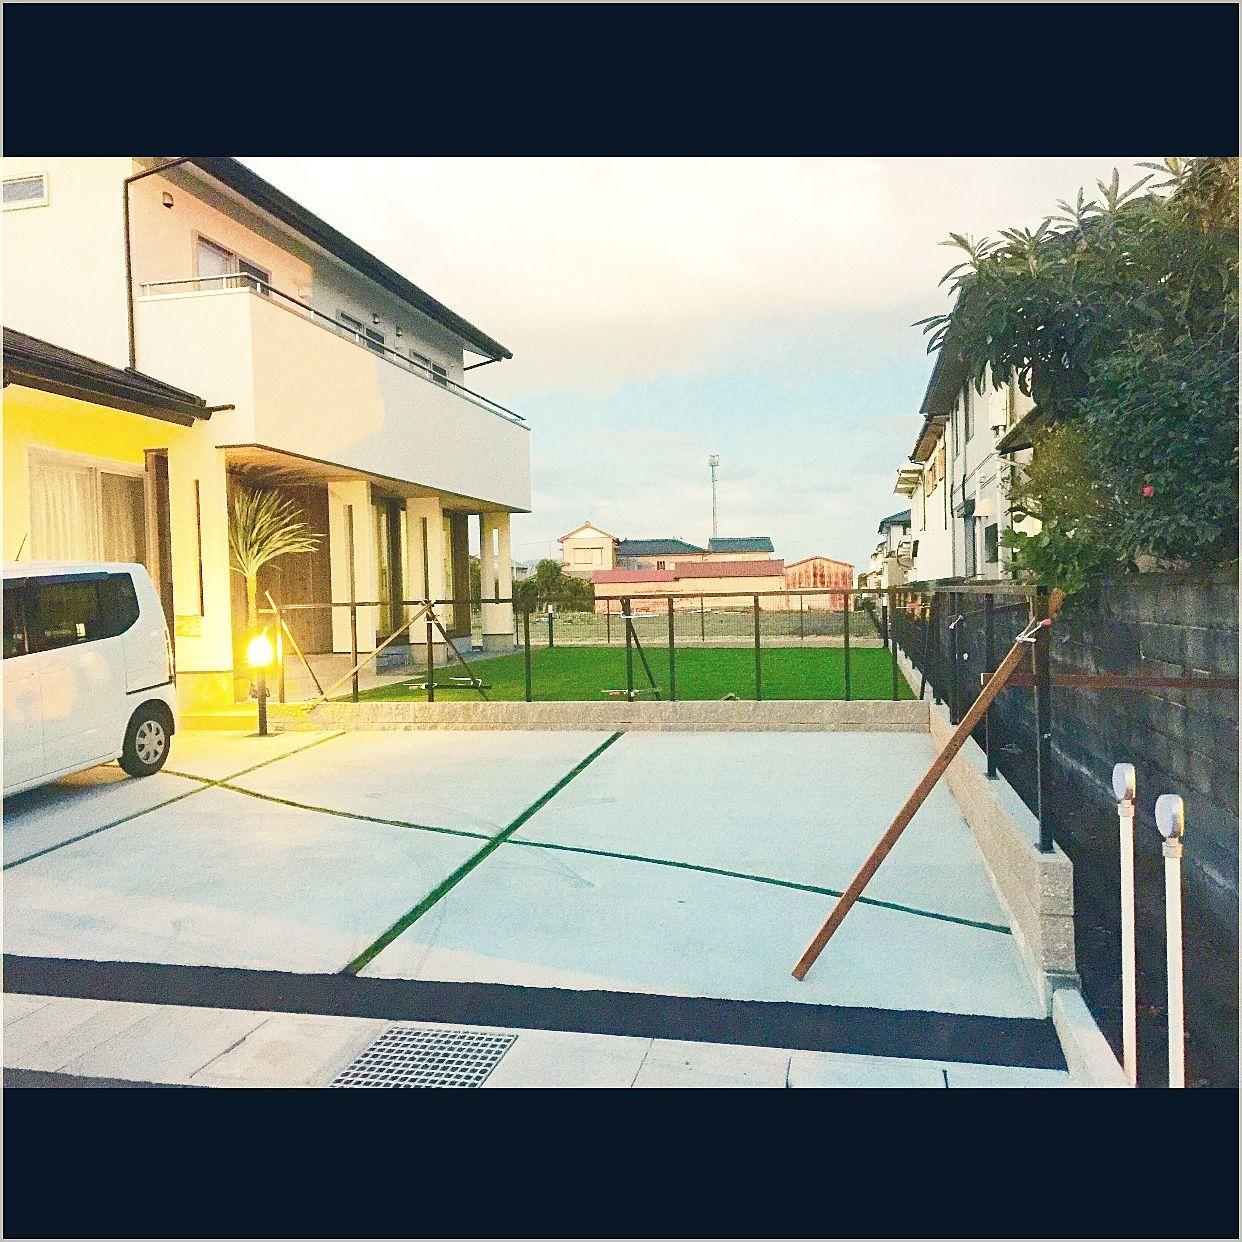 部屋全体 ウッドフェンス作成中 外構工事中 マイホーム記録 人工芝の庭